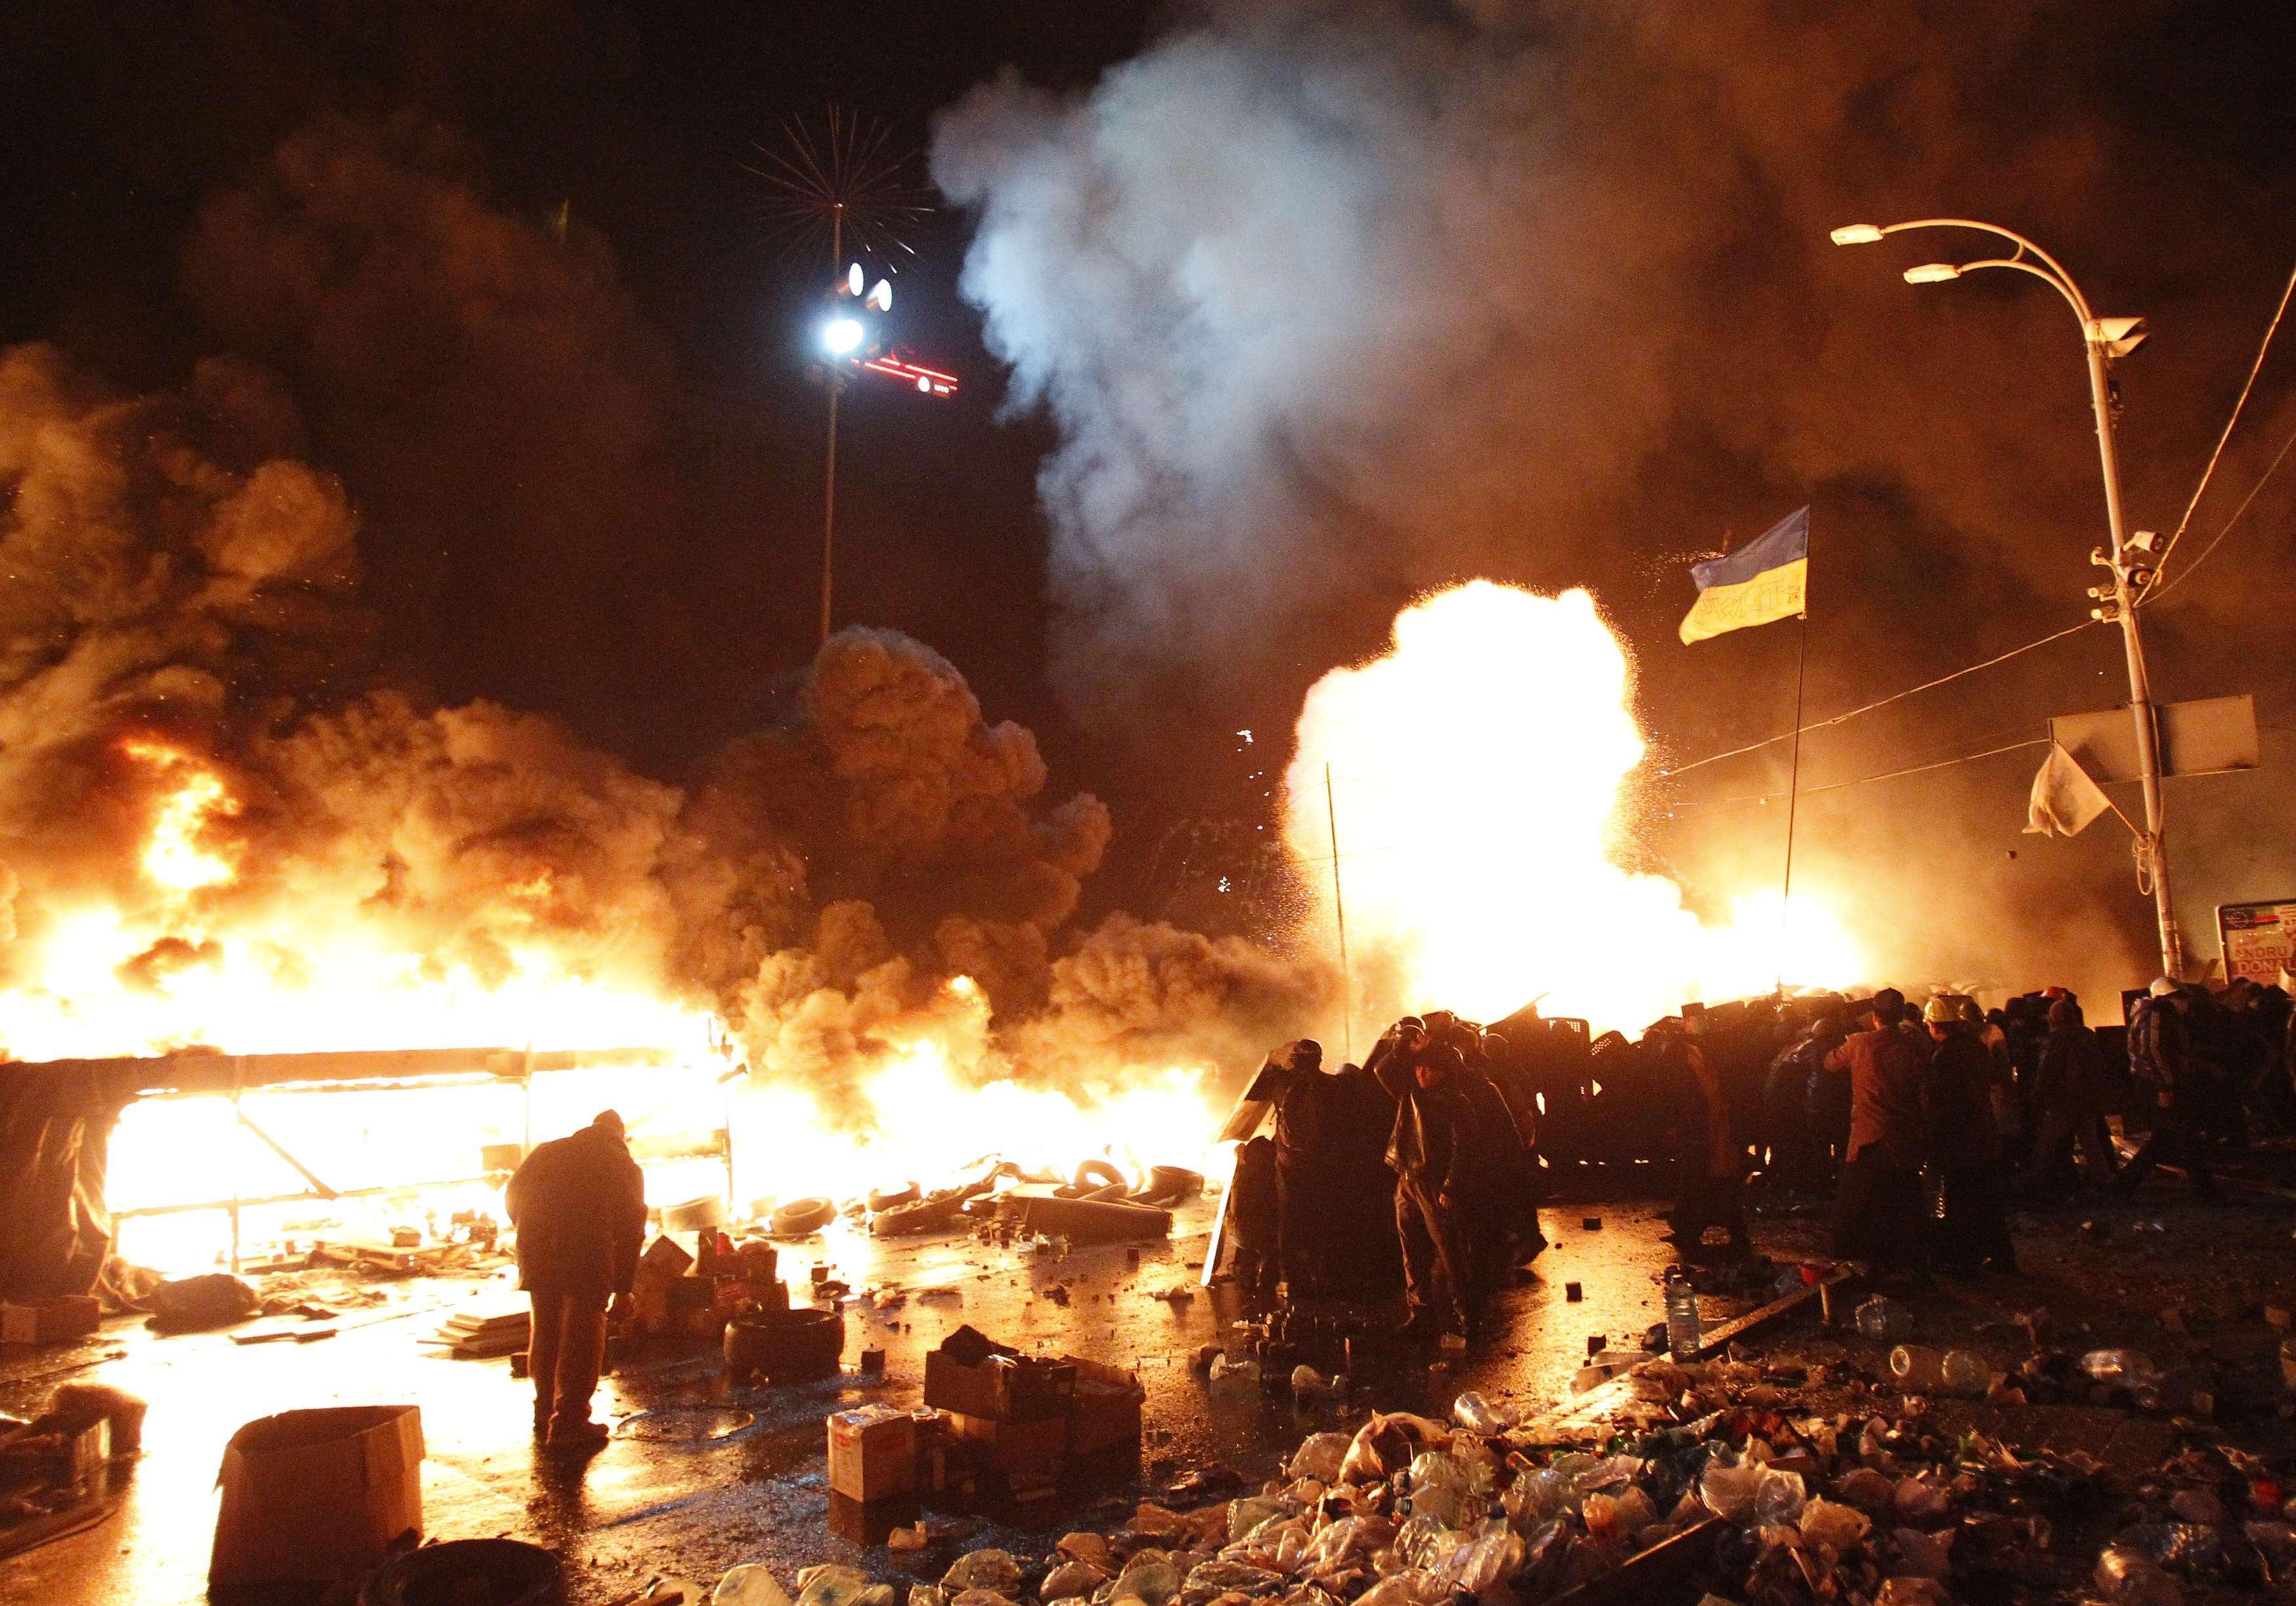 Σκηνές… πολέμου στο Κίεβο με φωτιές και αίμα – Η αστυνομία περικύκλωσε τους διαδηλωτές – Προσοχή! Σκληρές εικόνες – ΔΕΙΤΕ LIVE